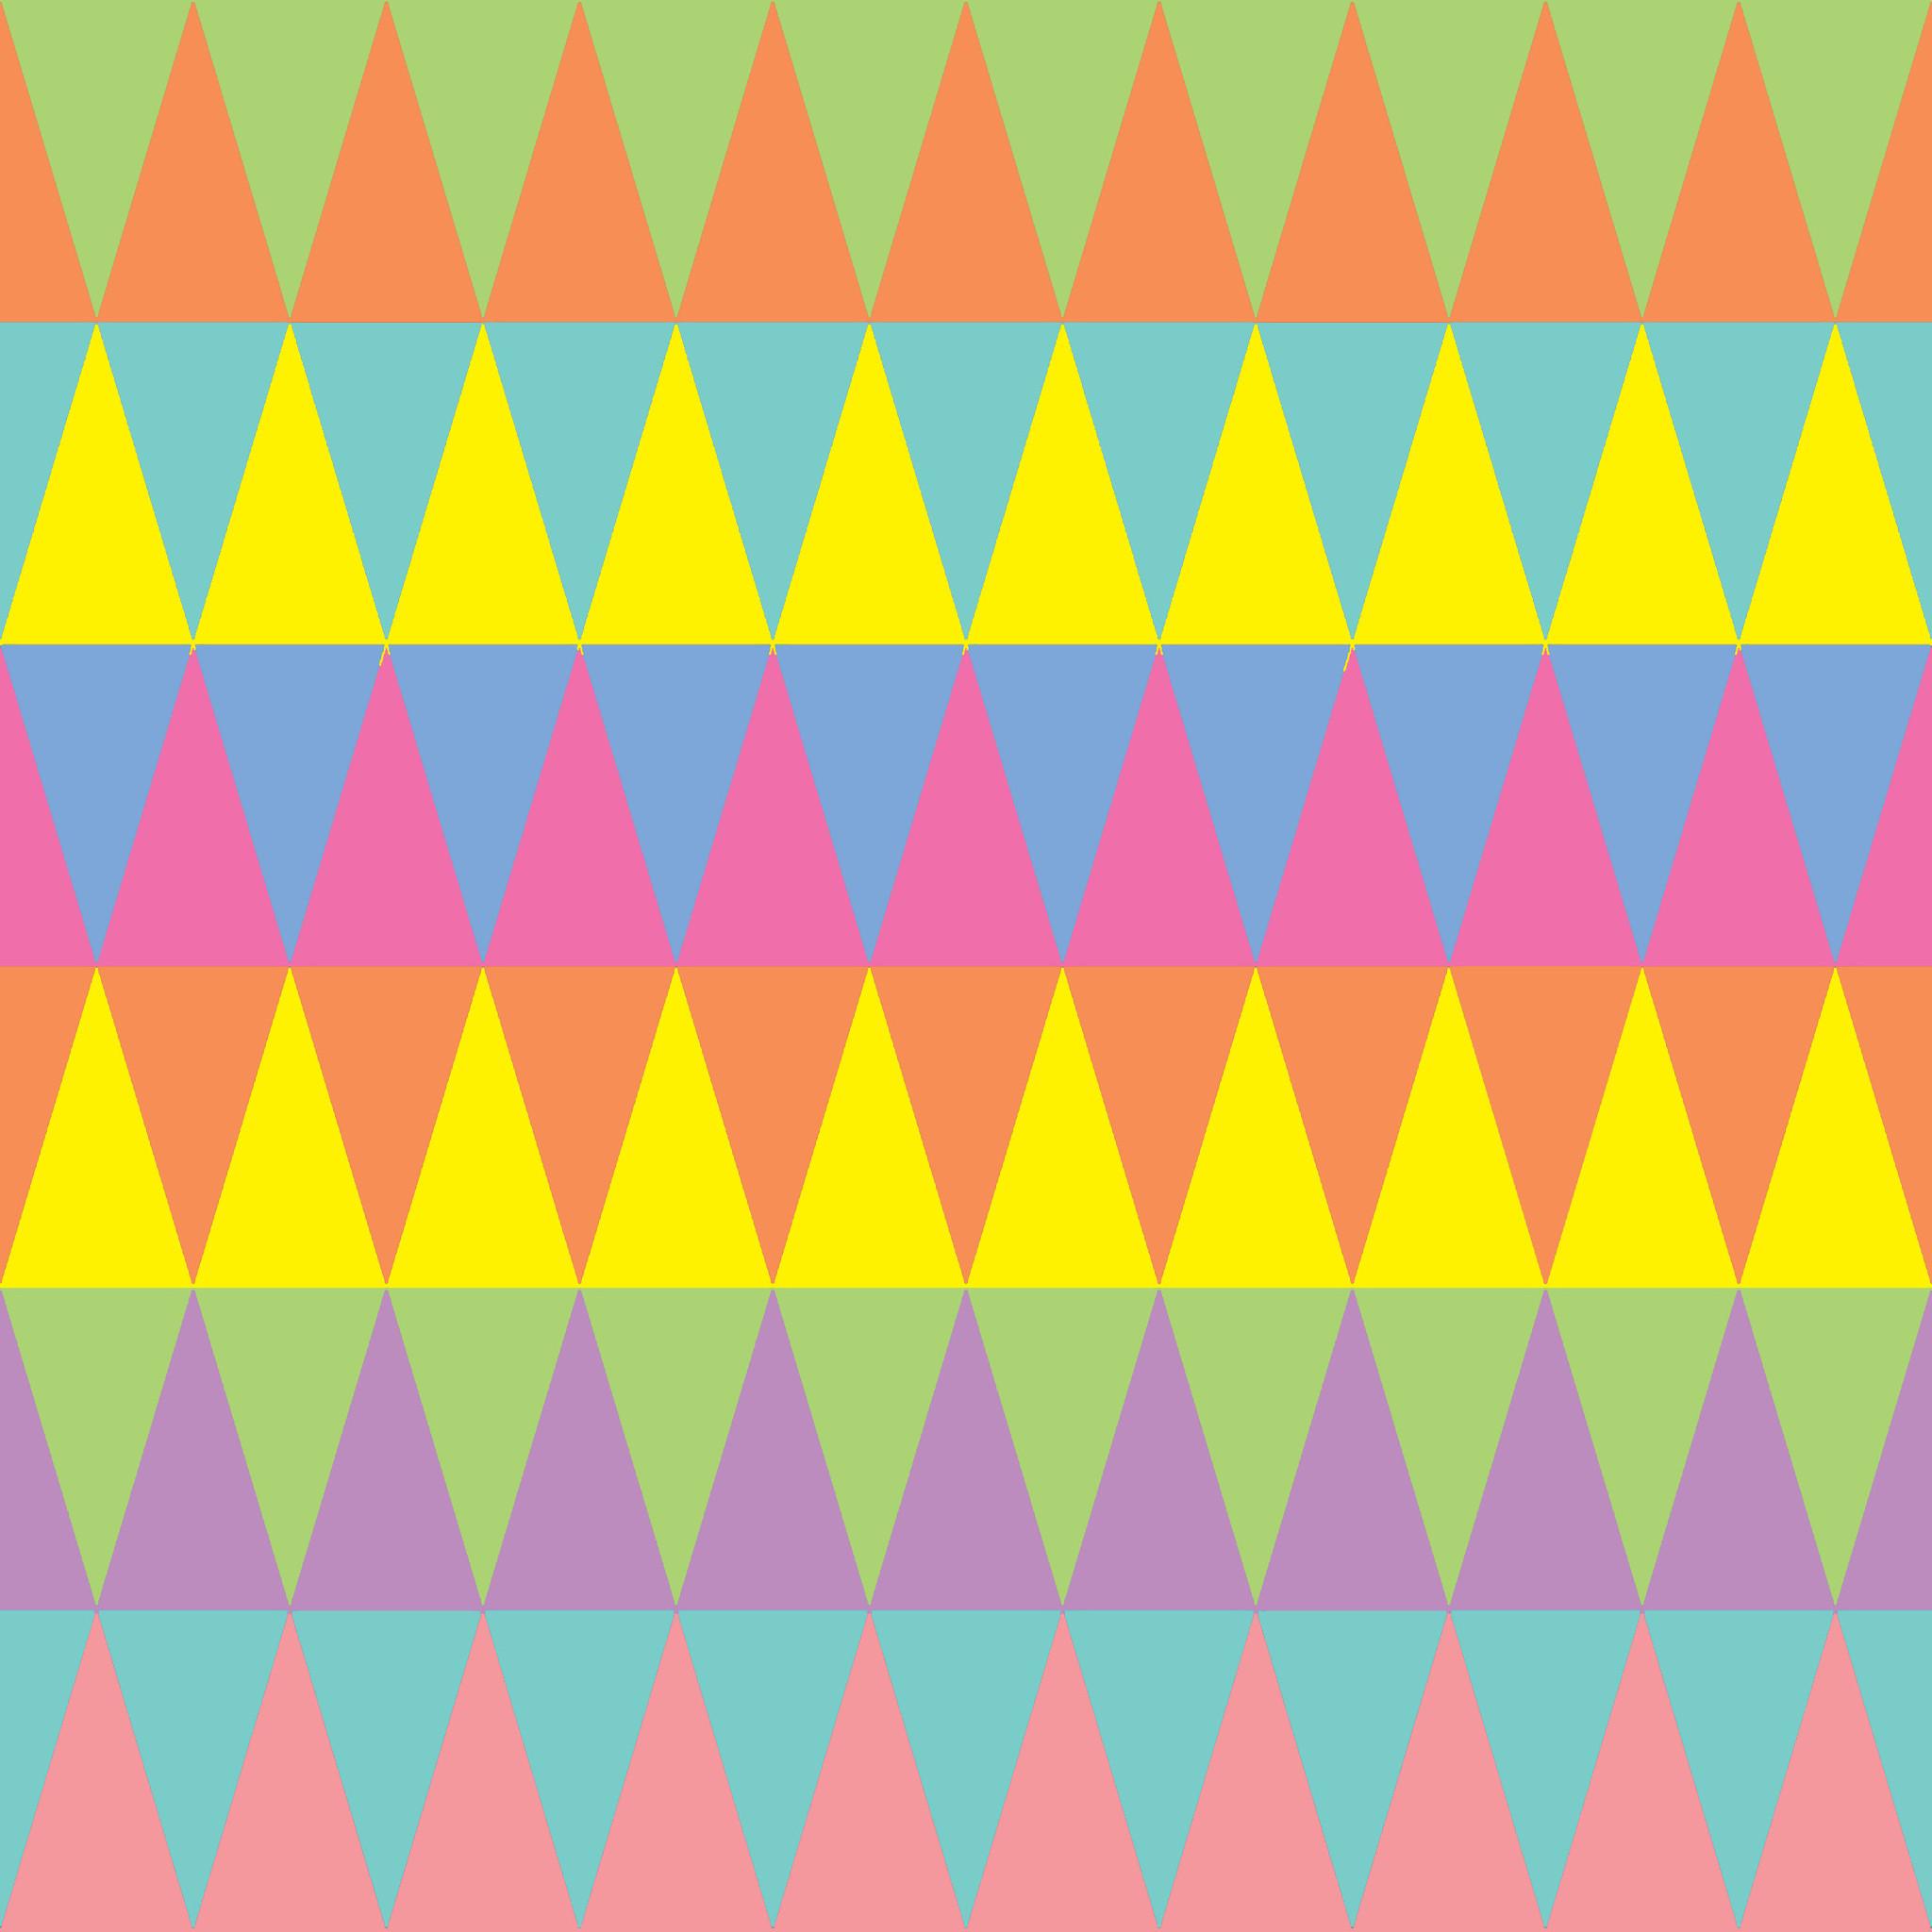 100 ombre orange chevron pattern wallpaper avtr dummy